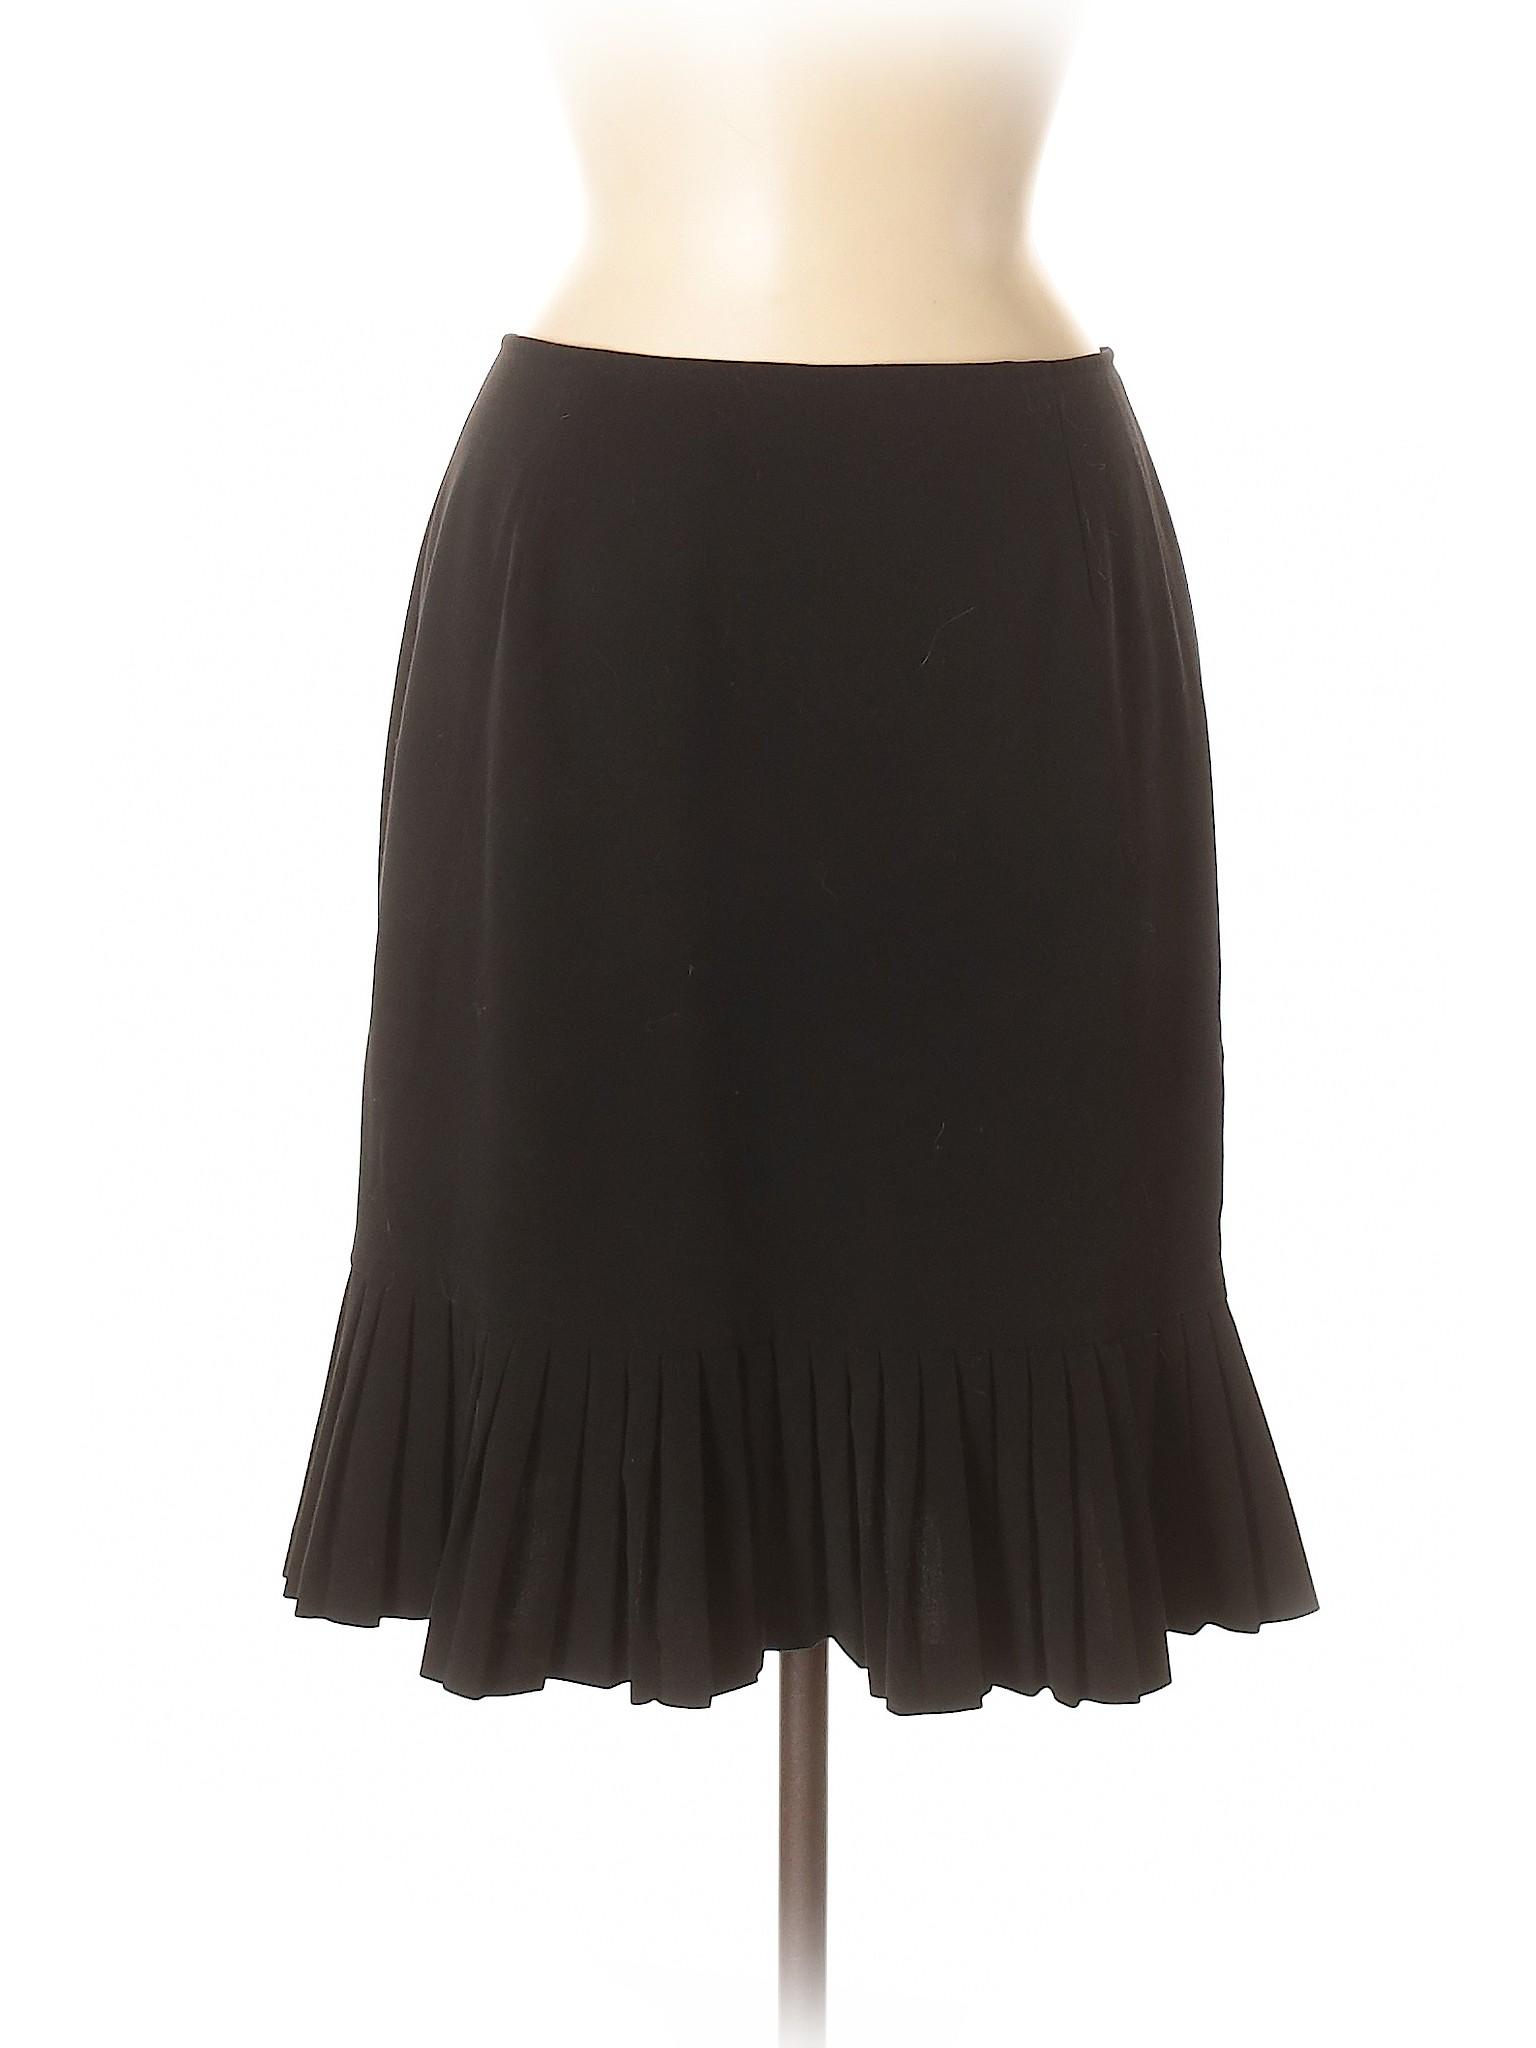 Boutique Skirt Casual Skirt Casual Boutique Boutique 1xwqa7